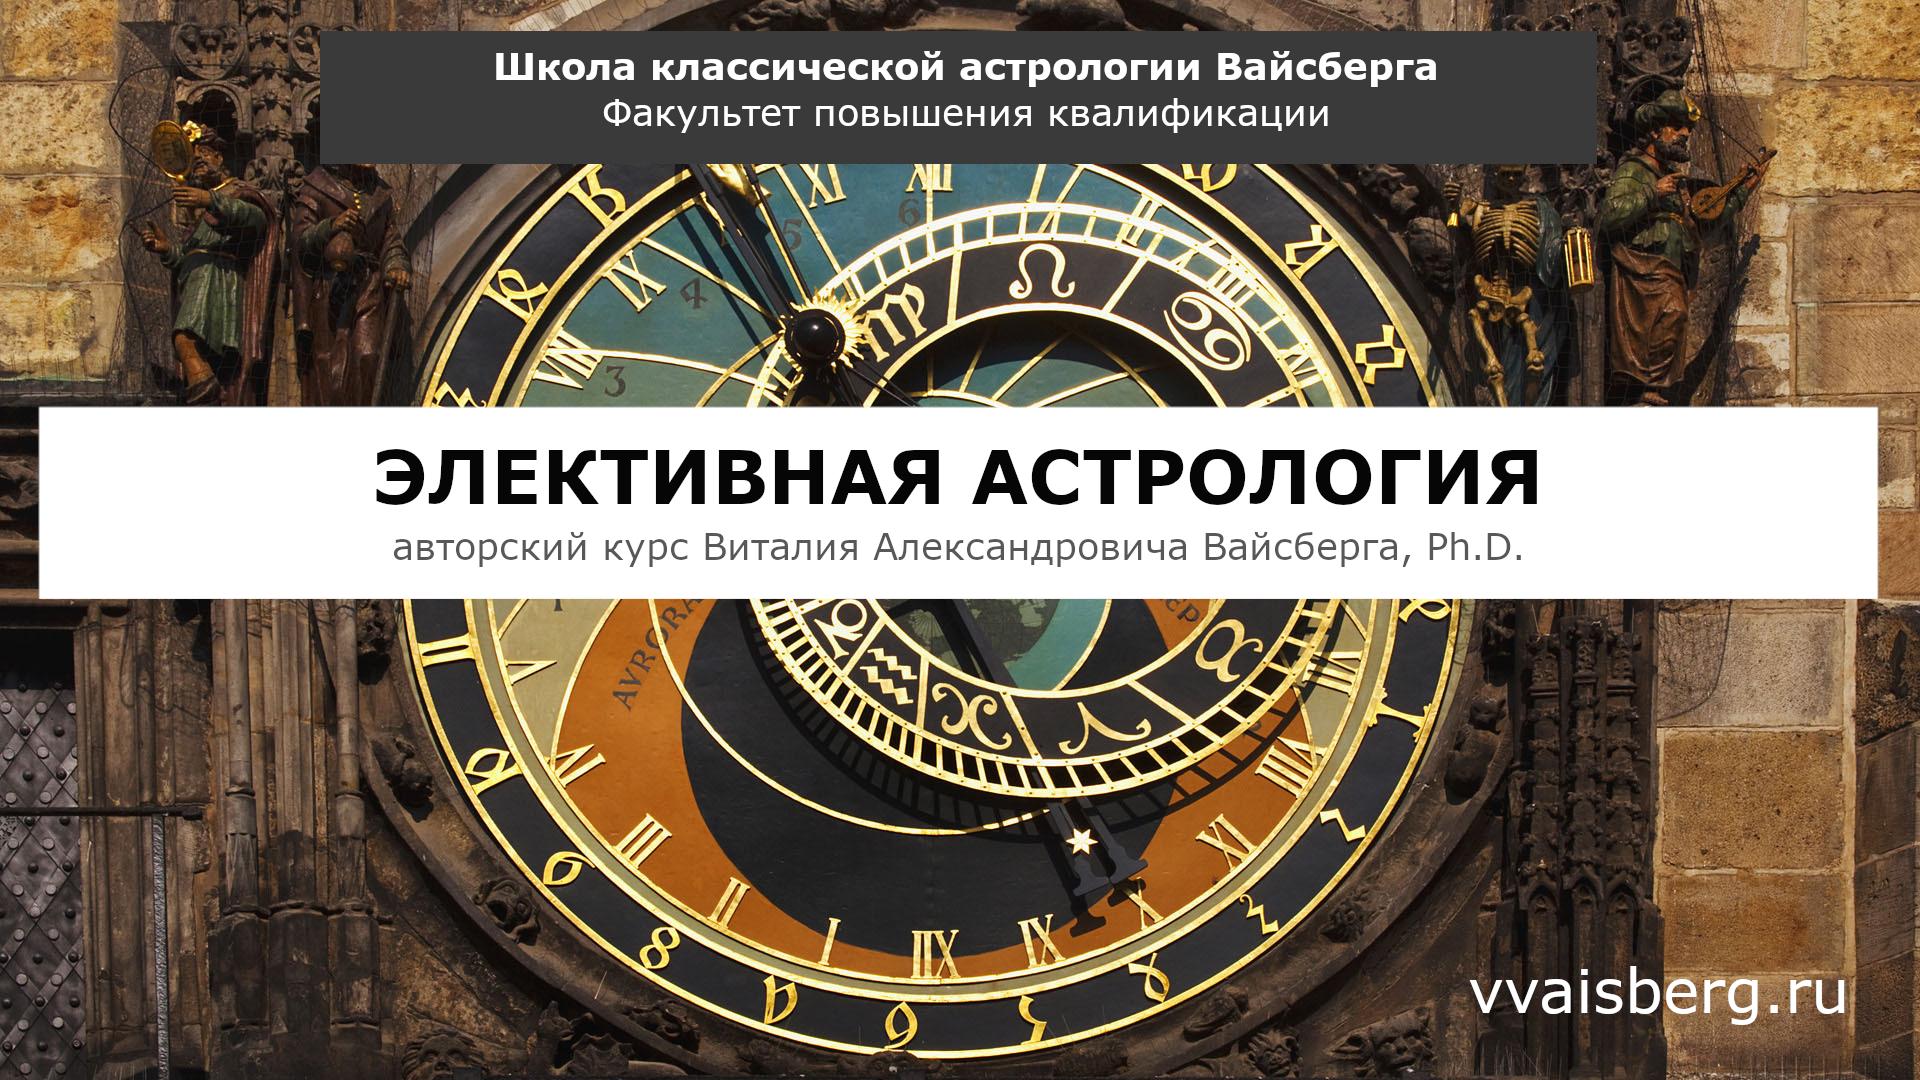 Элективная астрология - курс Вайсберг